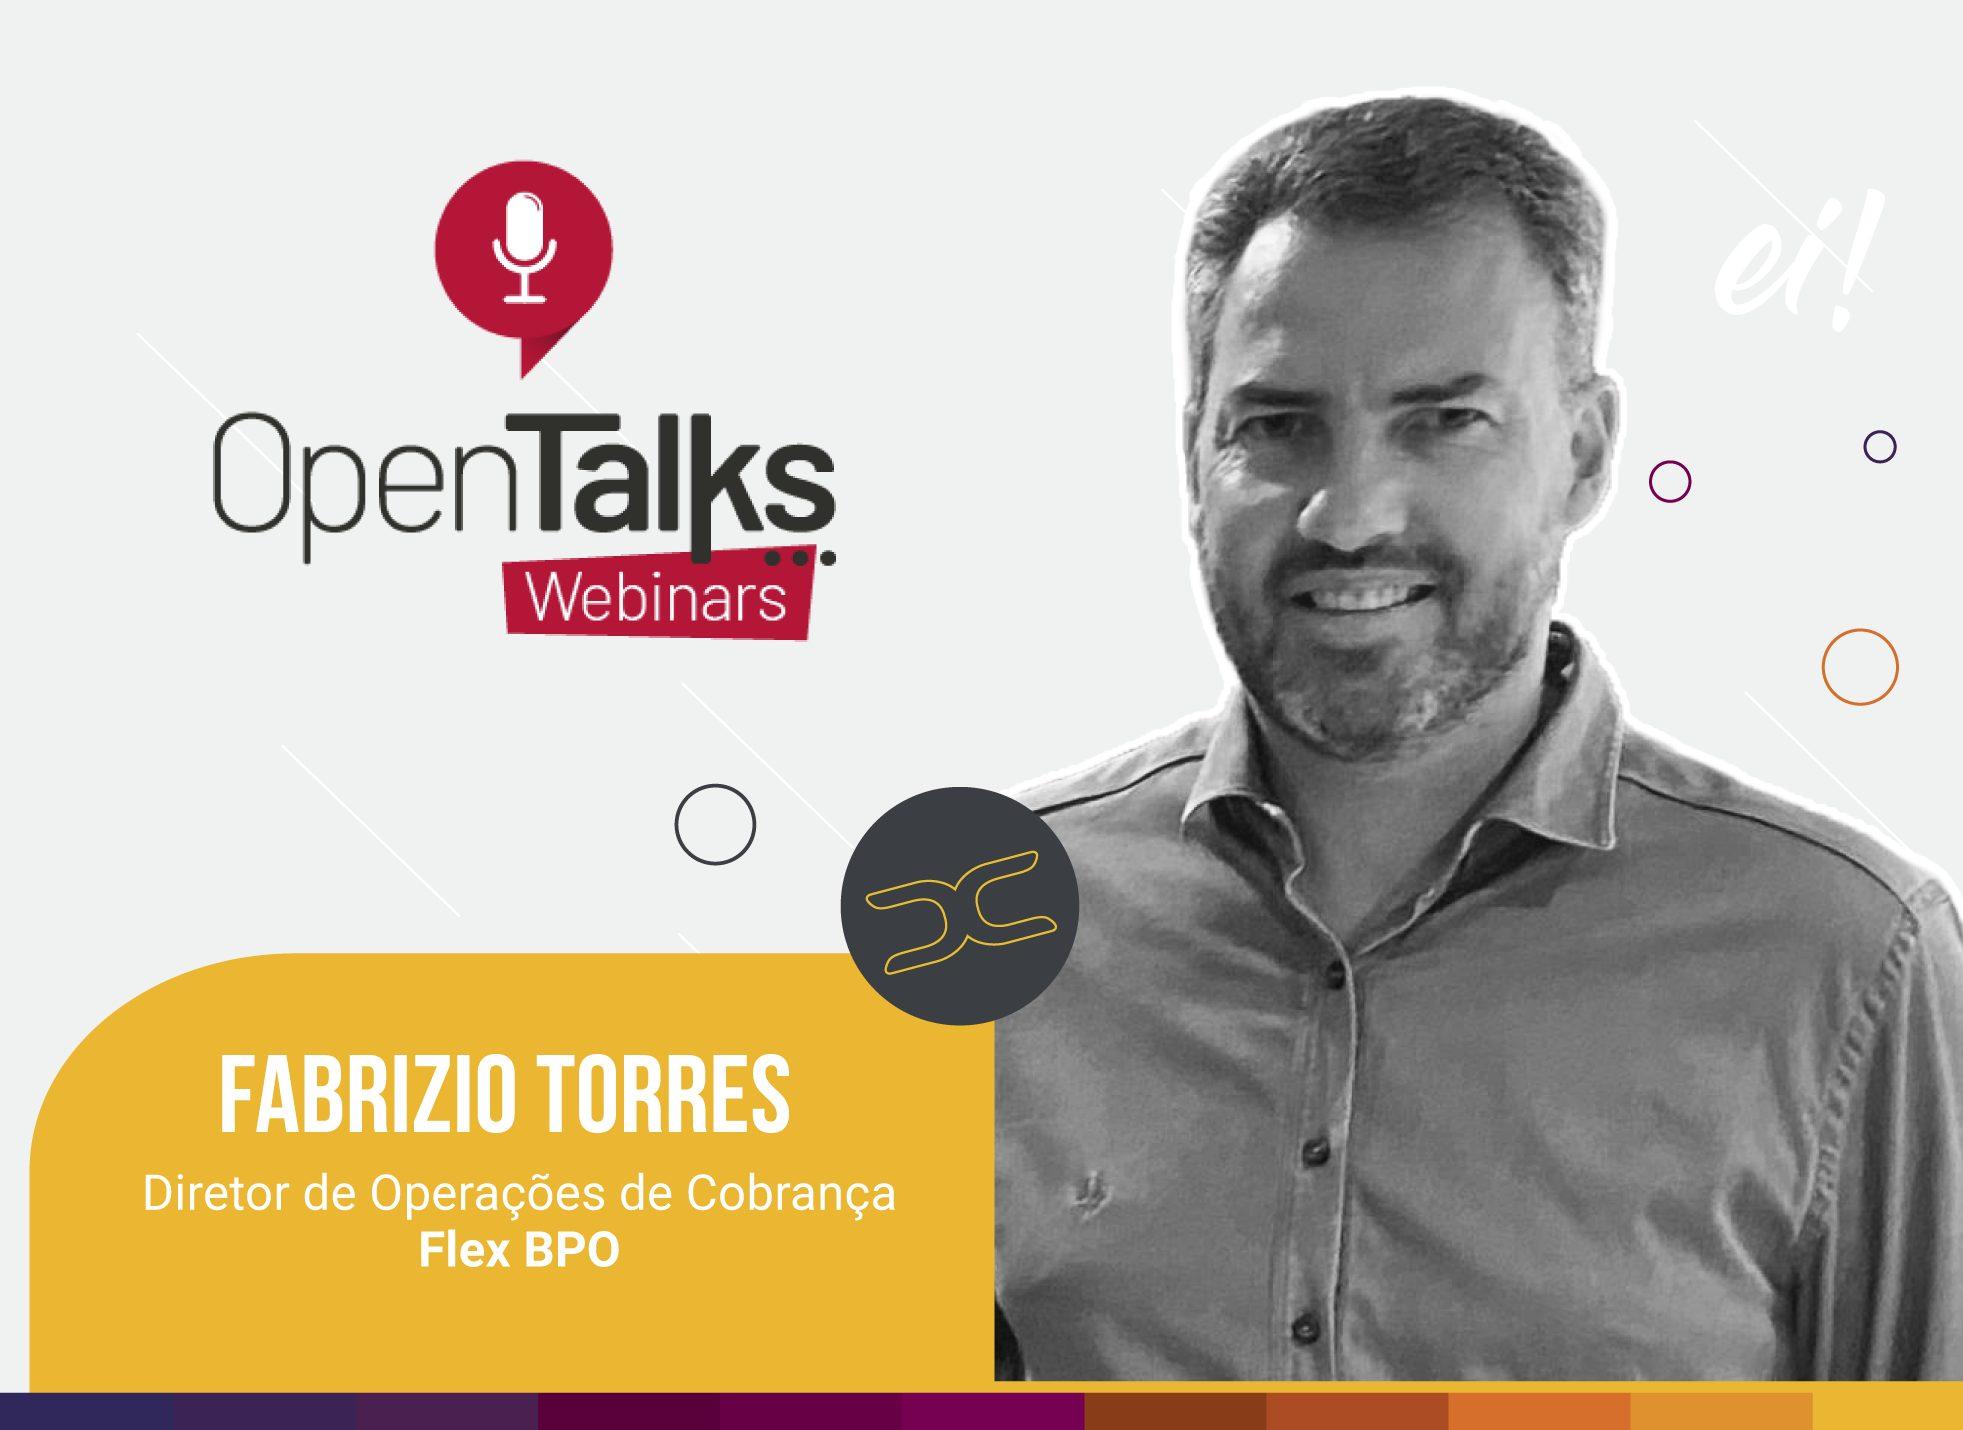 Open Talks Webinars: diretor Flex fala dos desafios da cobrança em 2021.